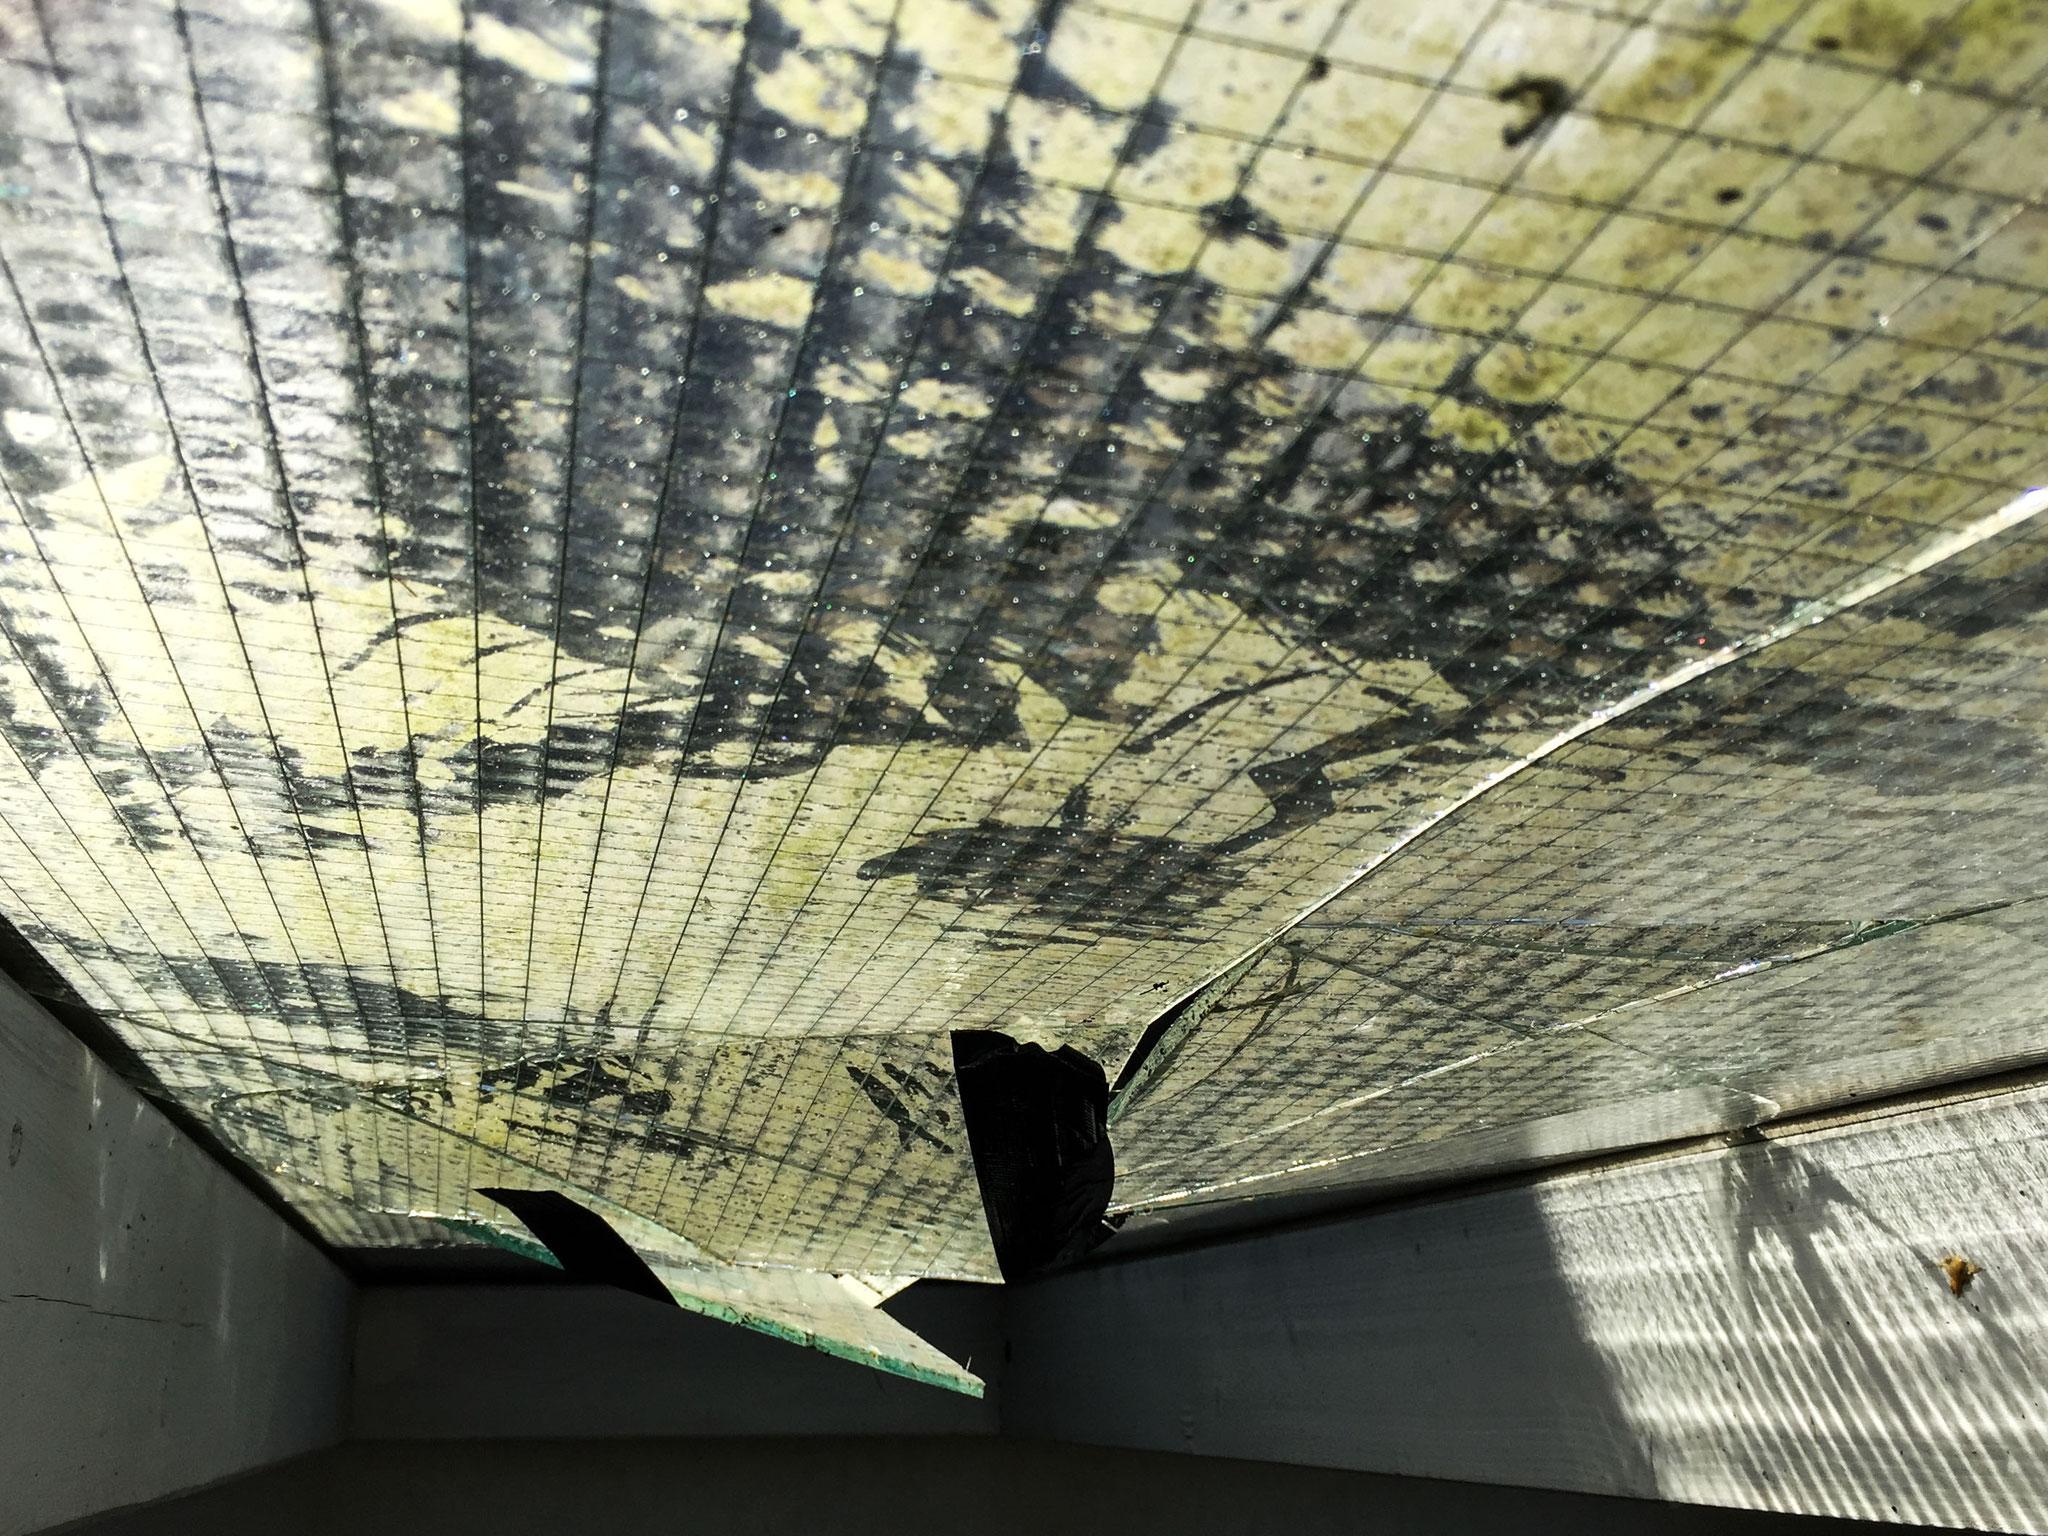 Die zersprungene alte Dachverglasung aus Drahtglas